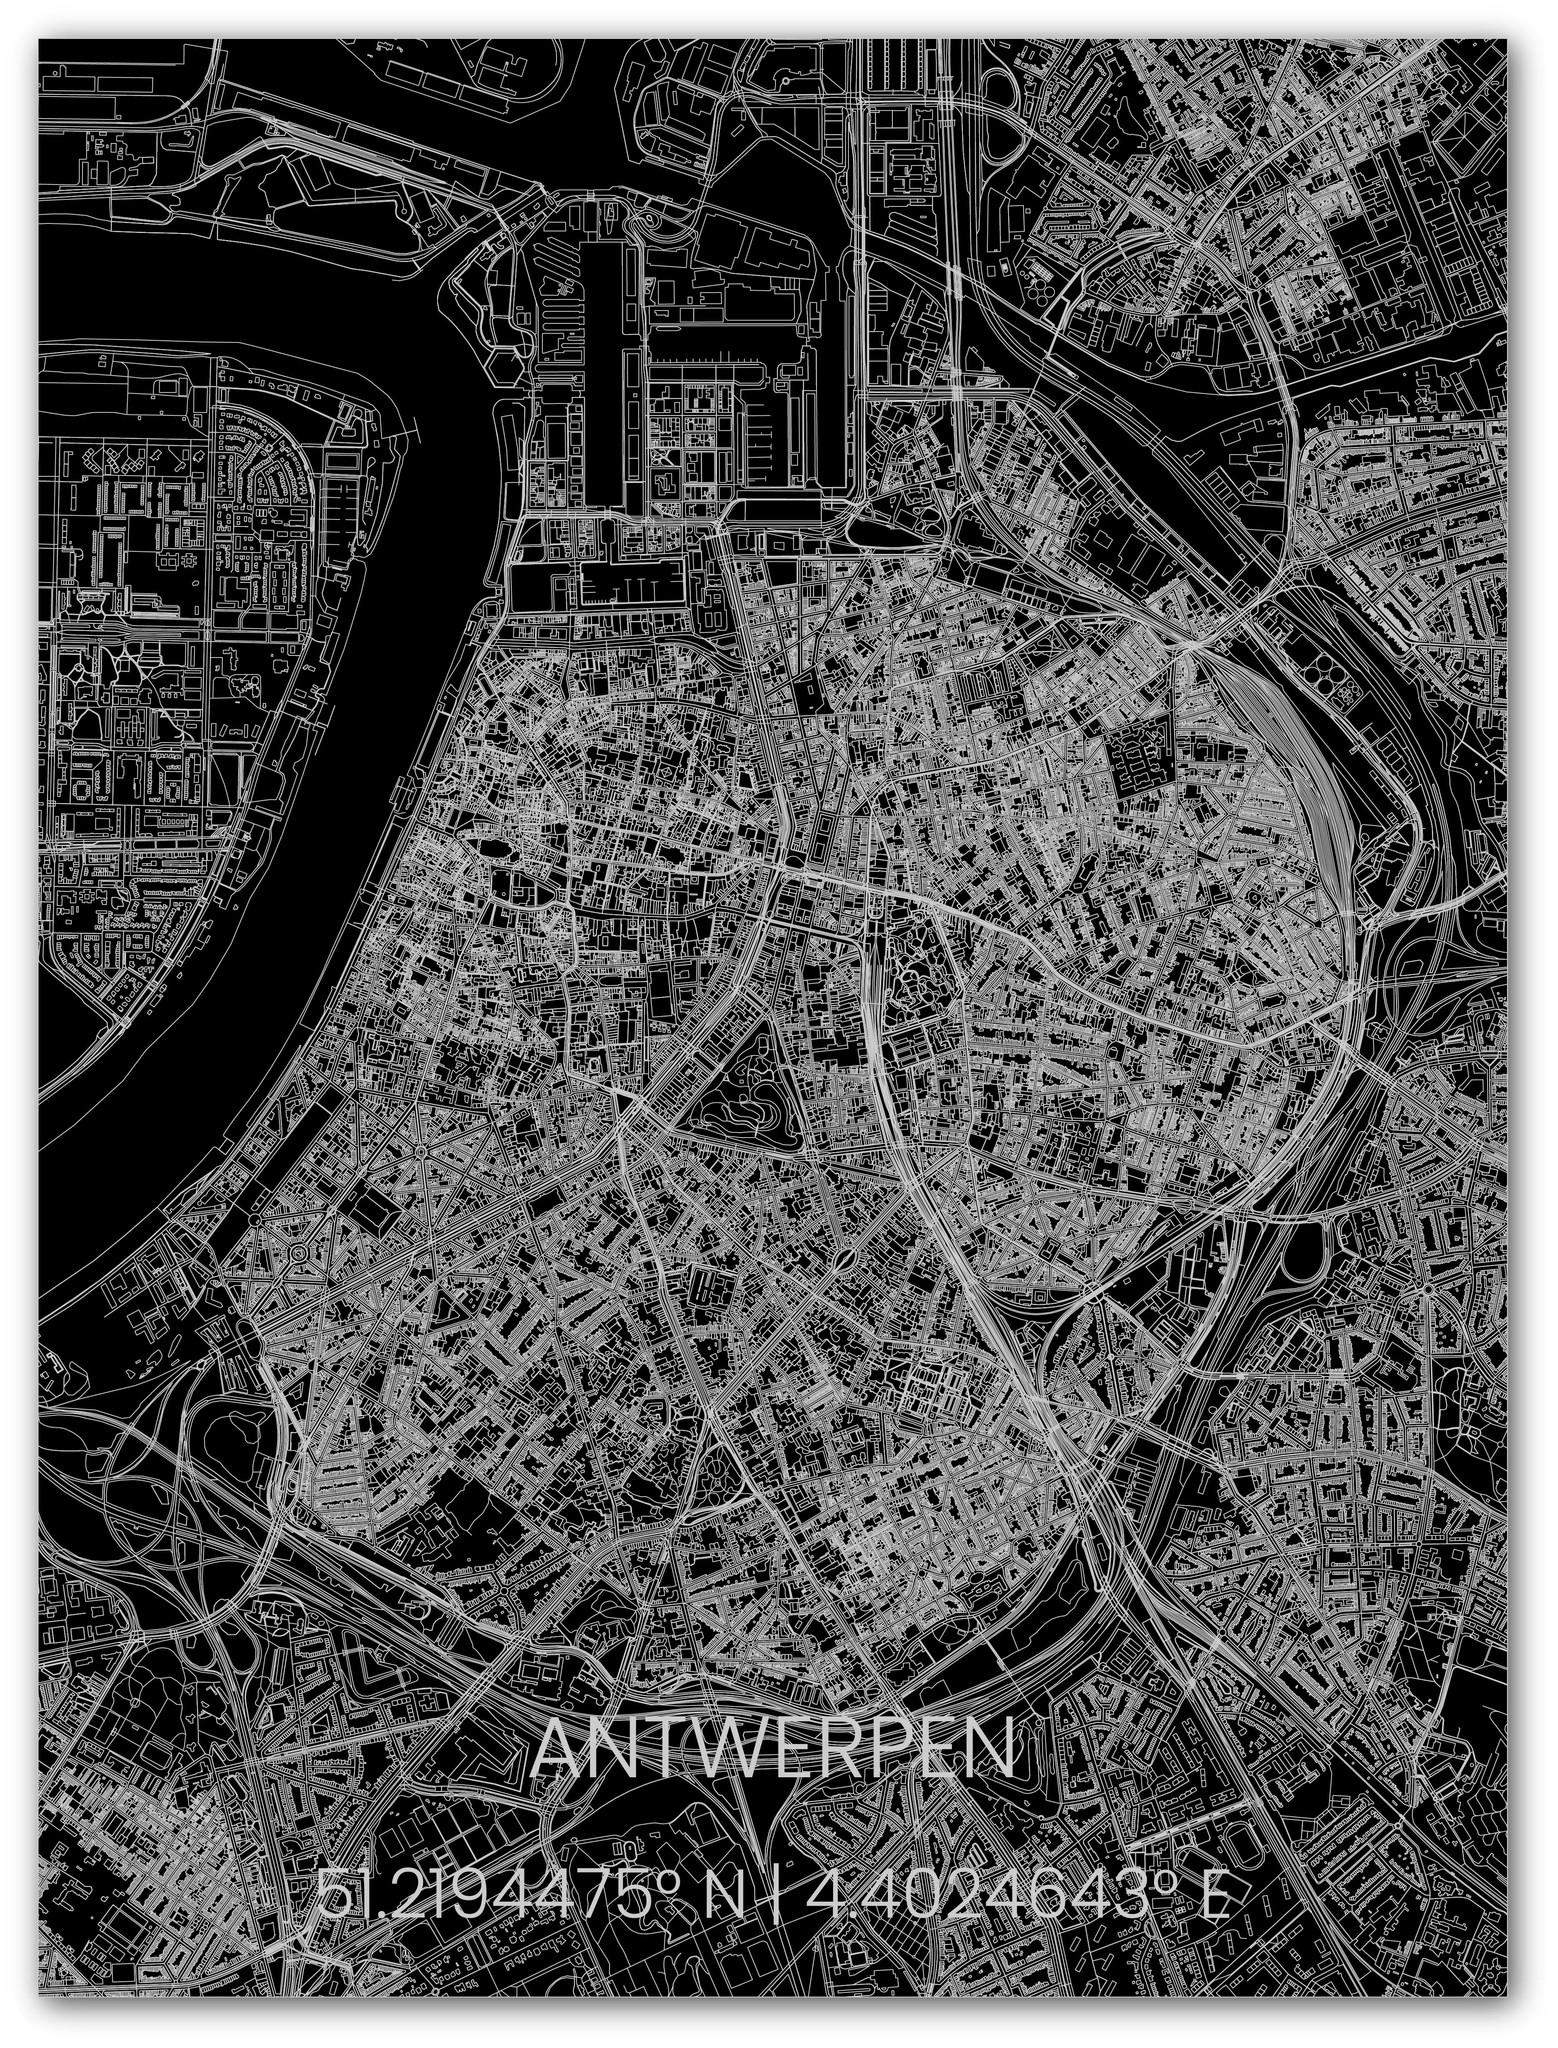 Metalen stadsplattegrond Antwerpen-1